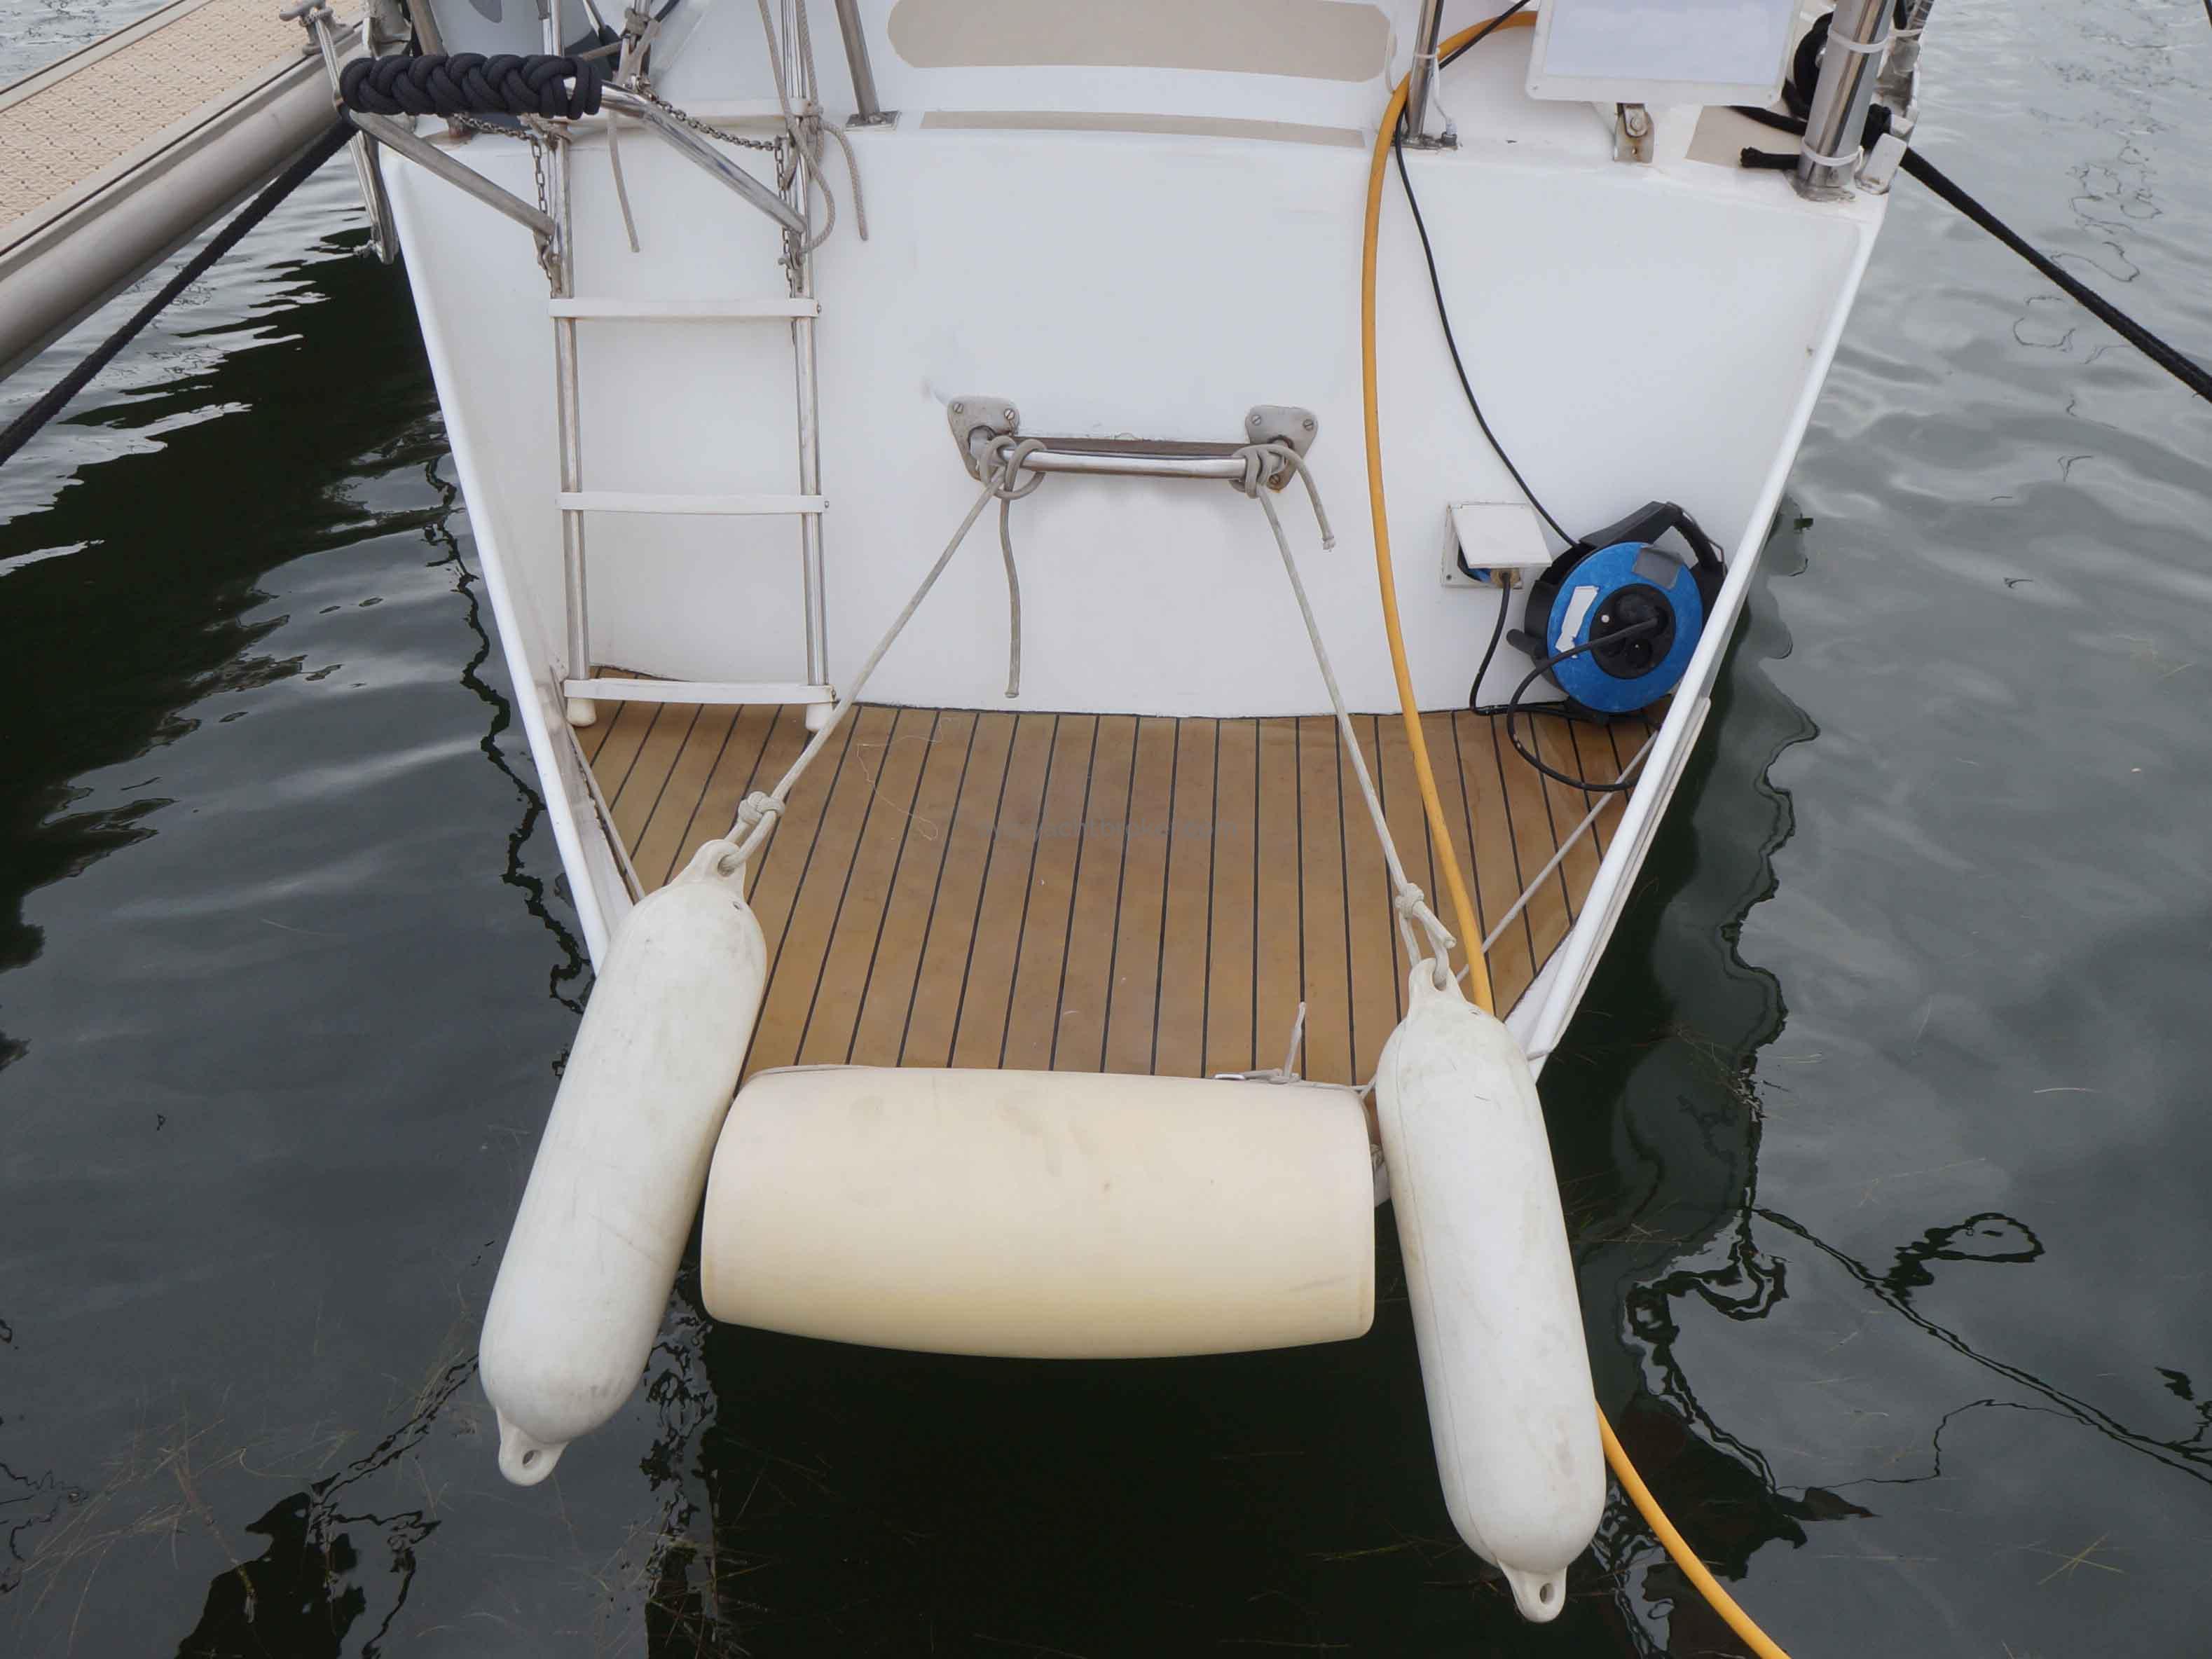 AYC YachtBroker - à flot